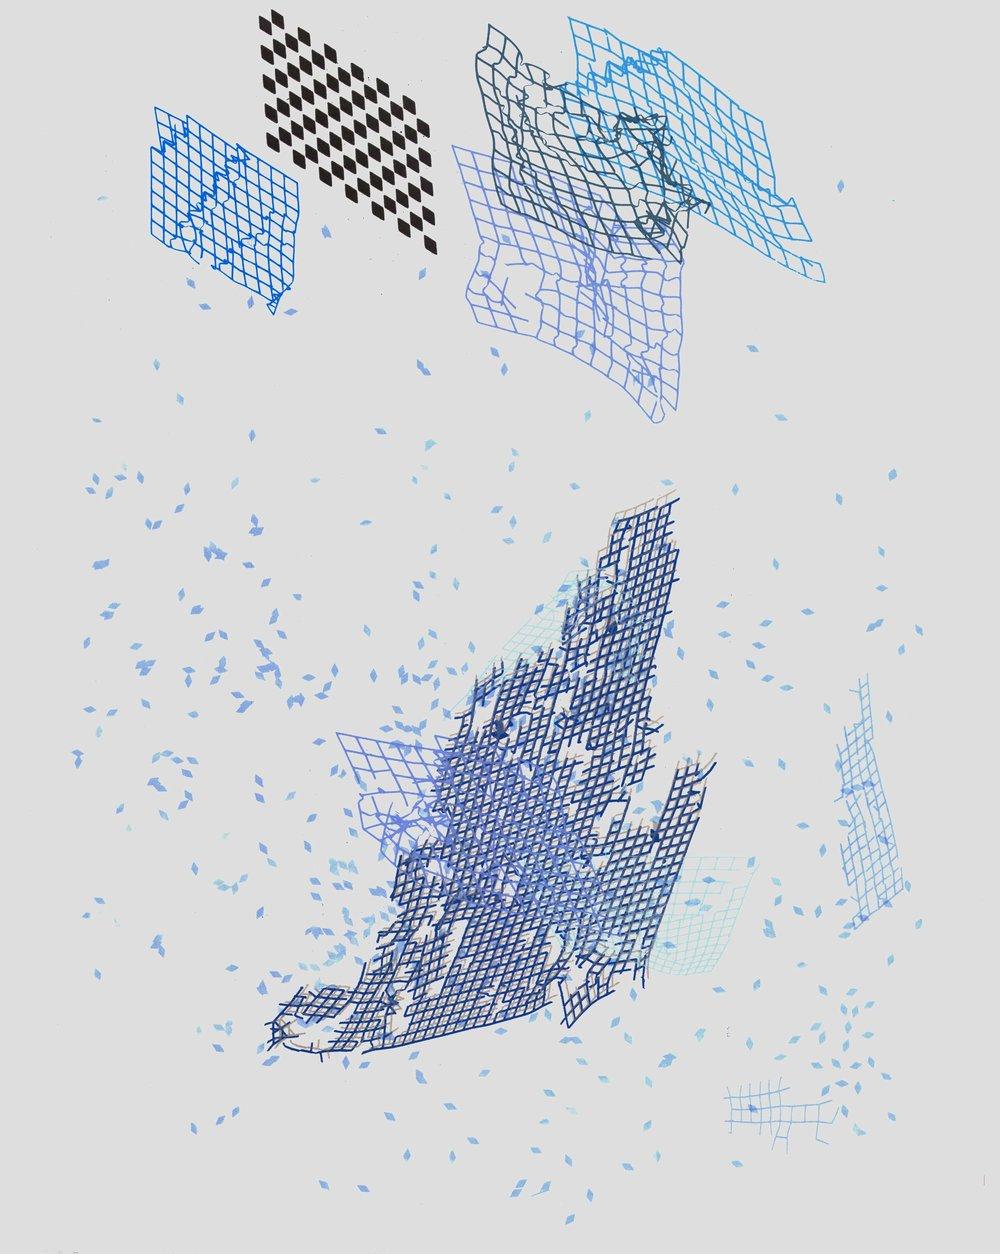 Kieran Riley Abbott from the Print Club ltd. Journal